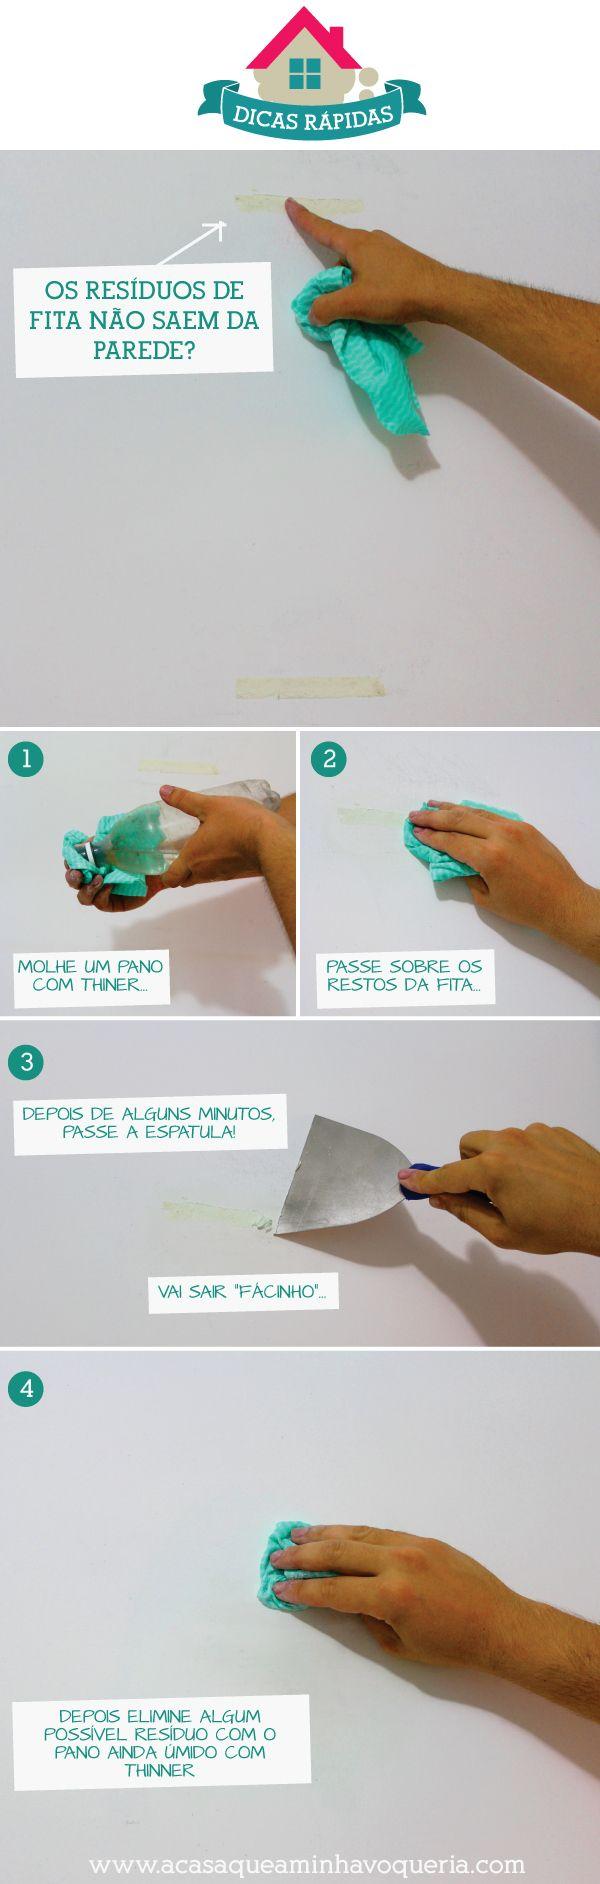 """Dícas rápidas: Como remover resíduos de fita dupla face da parede direto do blog """"A Casa que Minha Vó Queria"""":"""